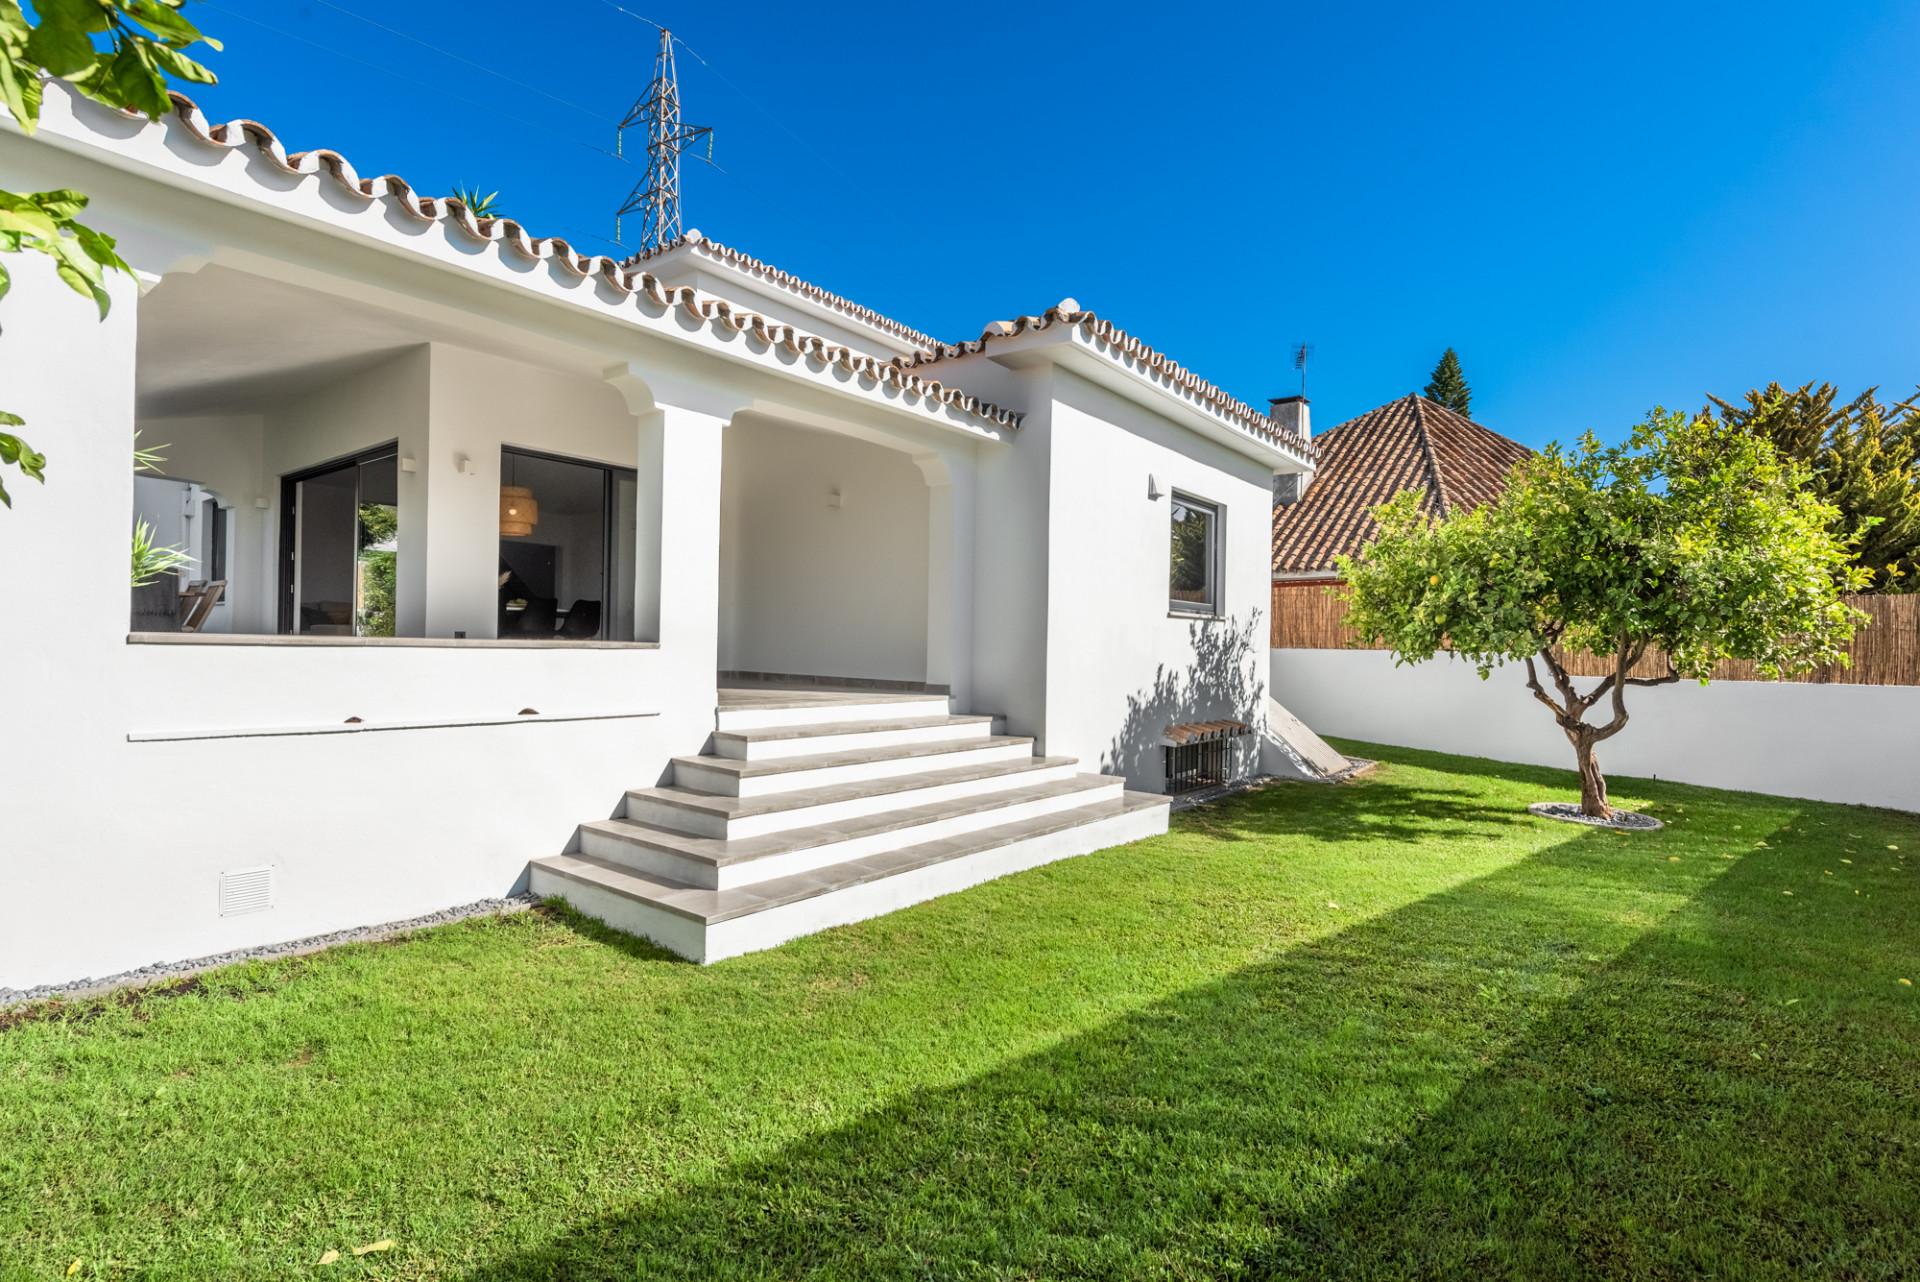 ARFV2126 - Moderne Stadtvilla in Marbella zu verkaufen